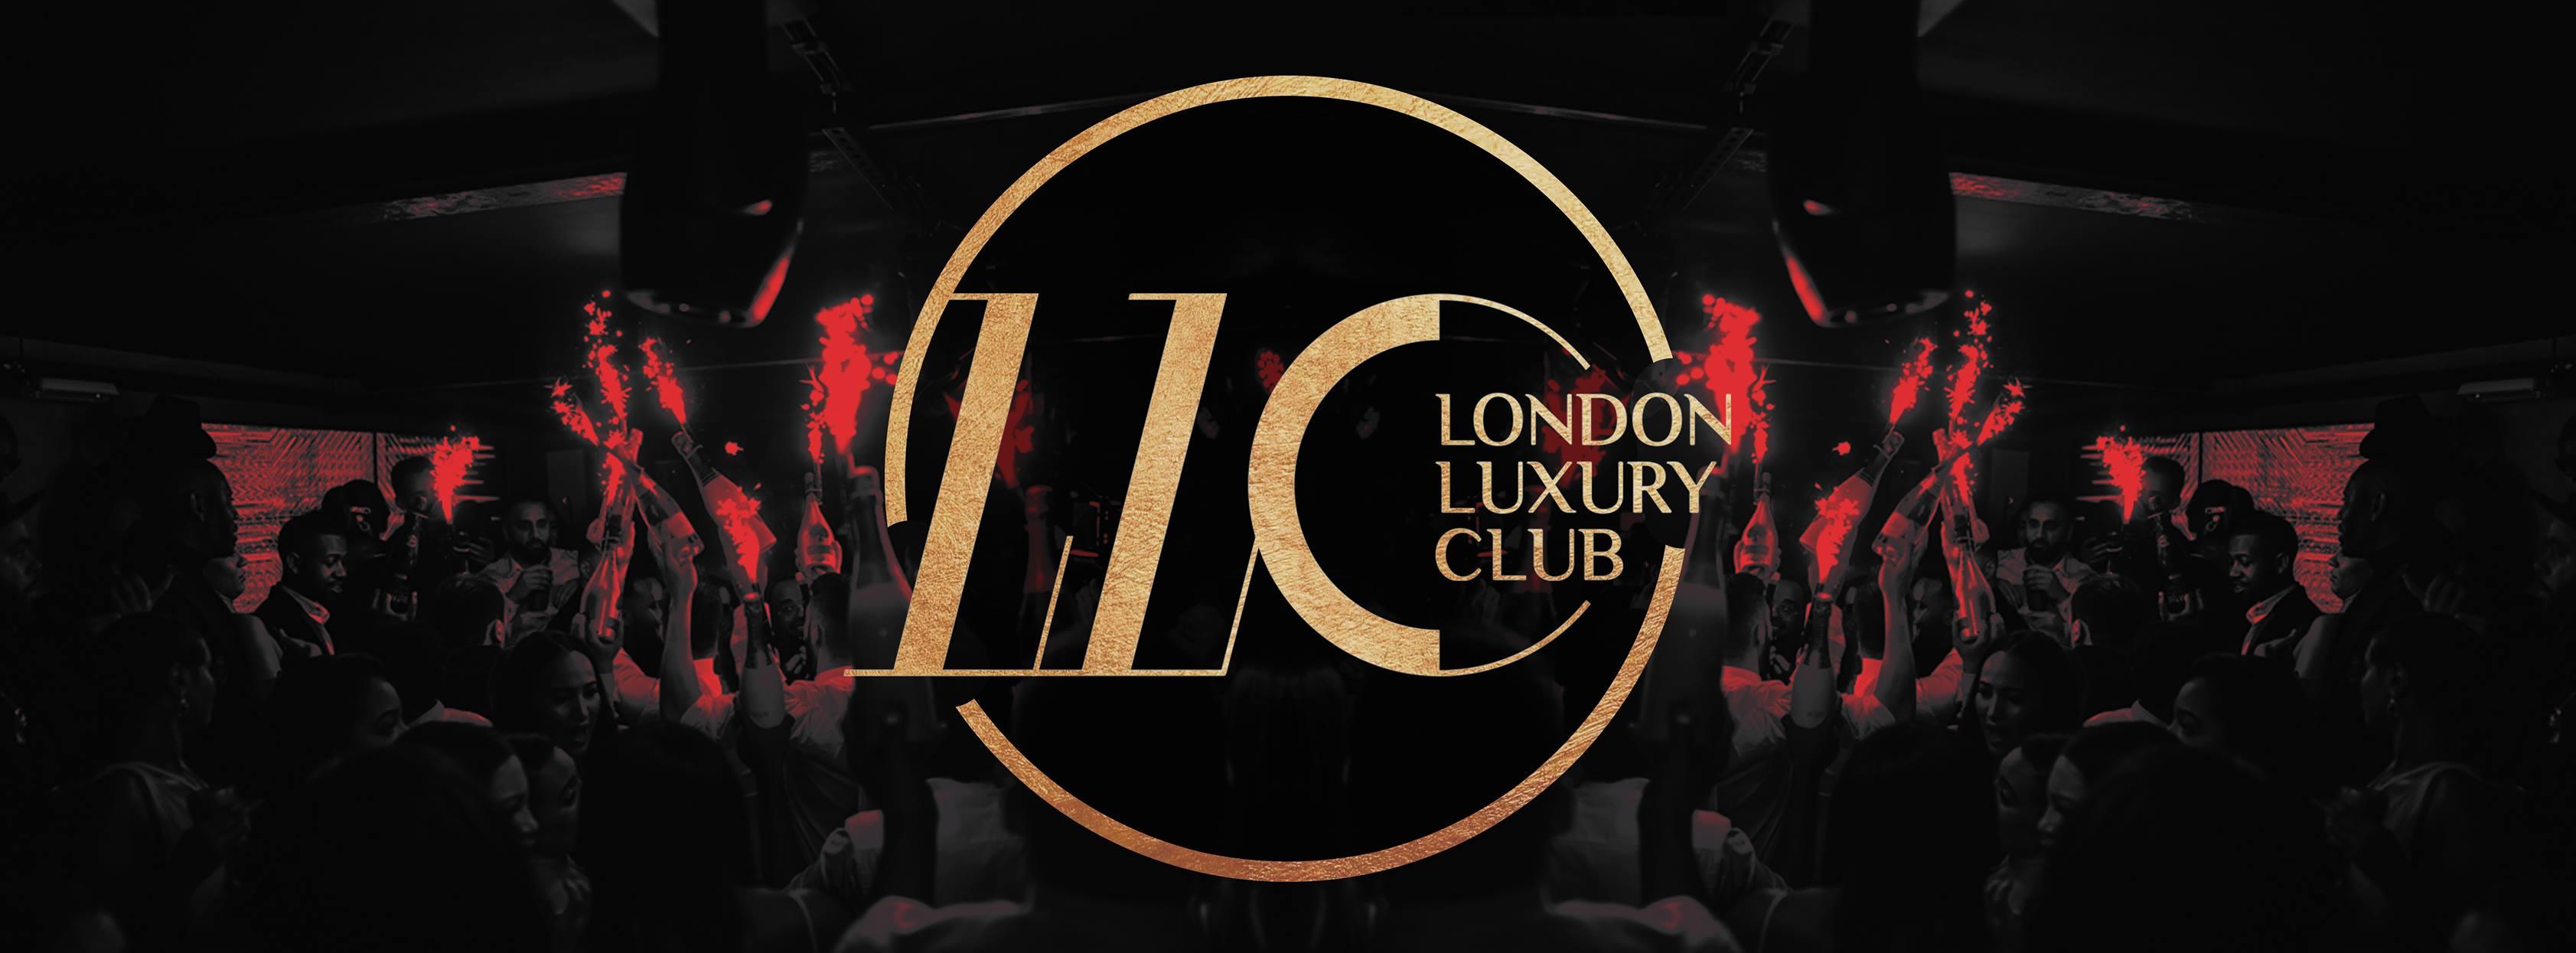 LLC London Luxury Club - LLC Guestlist Entry & LLC Tables